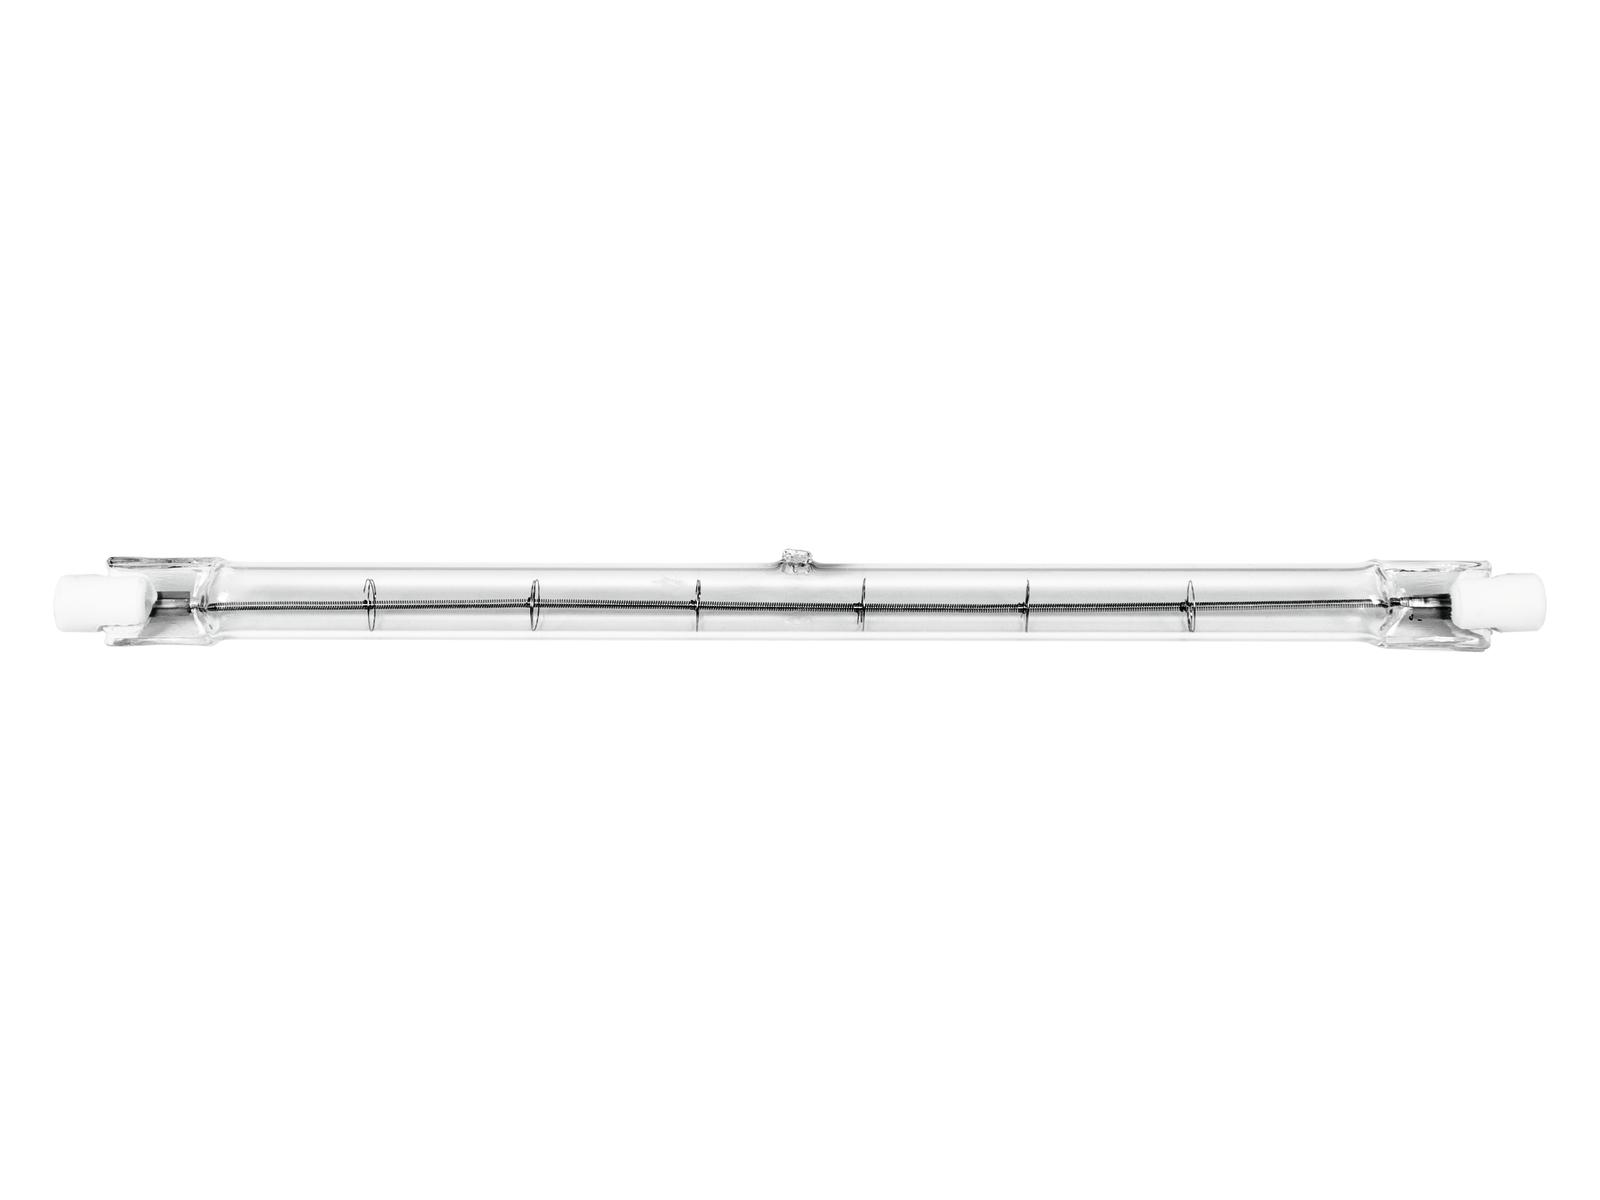 230V/1000W R-7-s Omnilux, 189mm